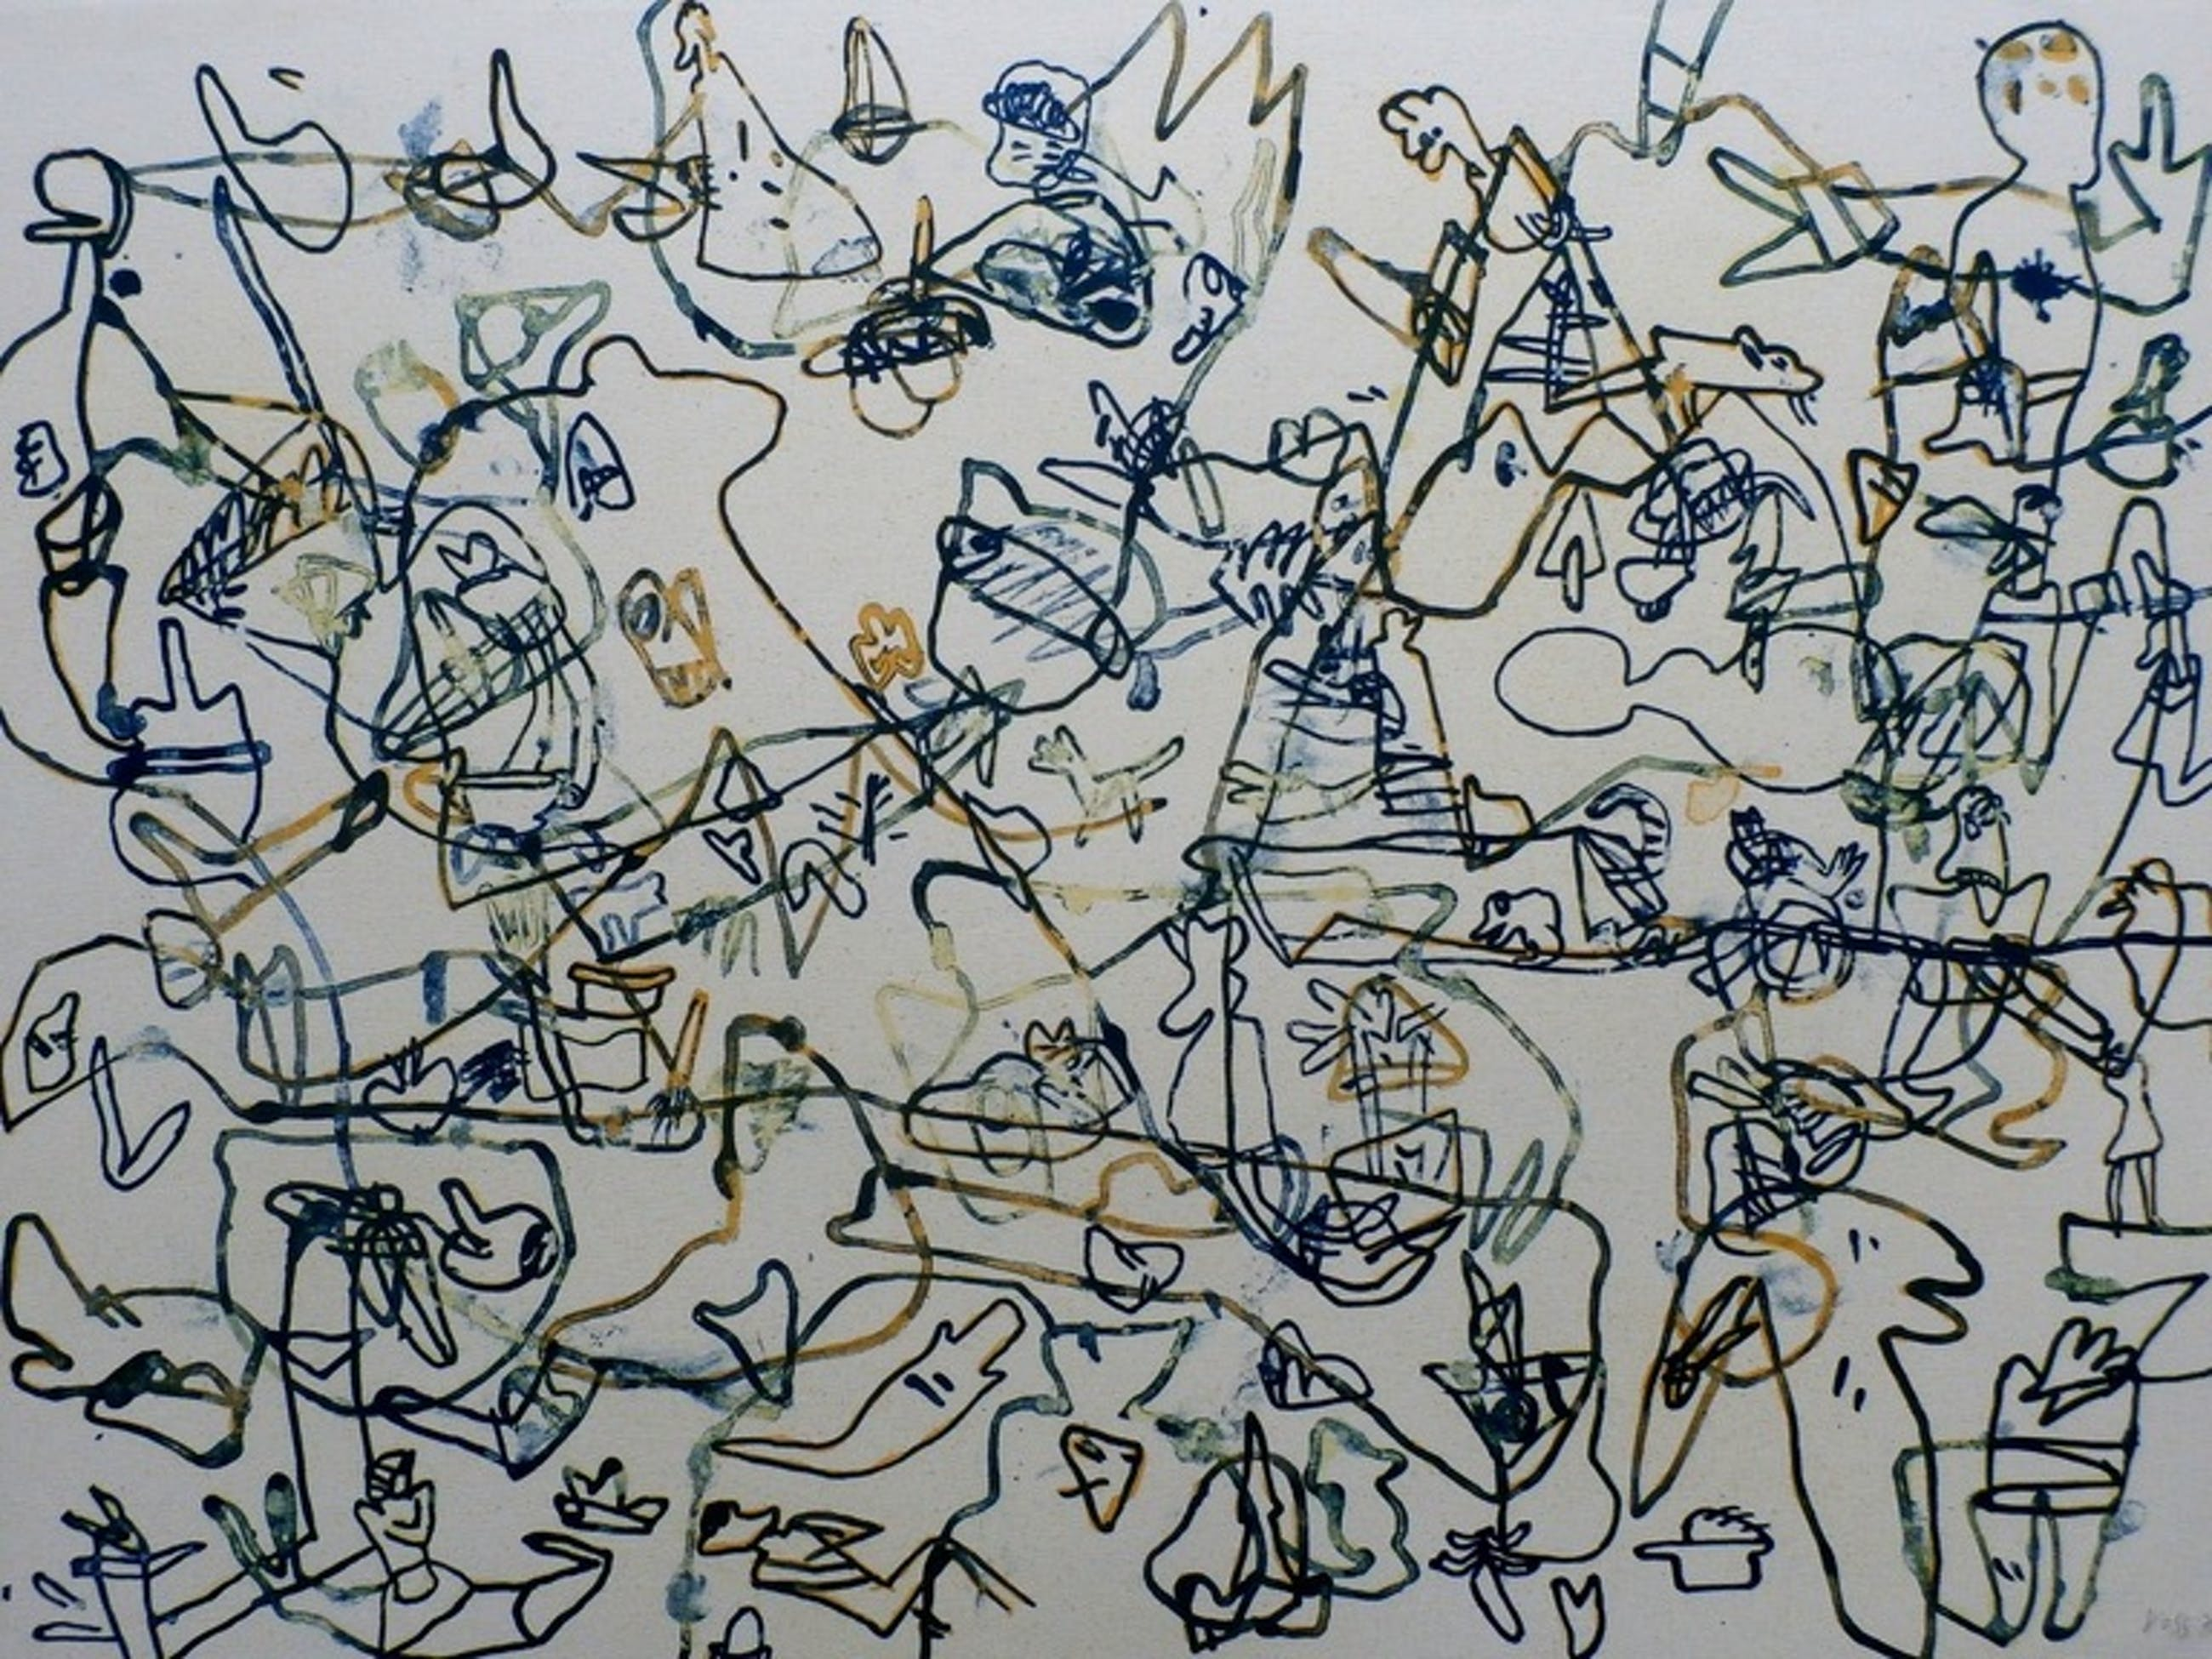 Jan Voss -  Kleuren Litho - compositie met lijnen - 1978 kopen? Bied vanaf 60!